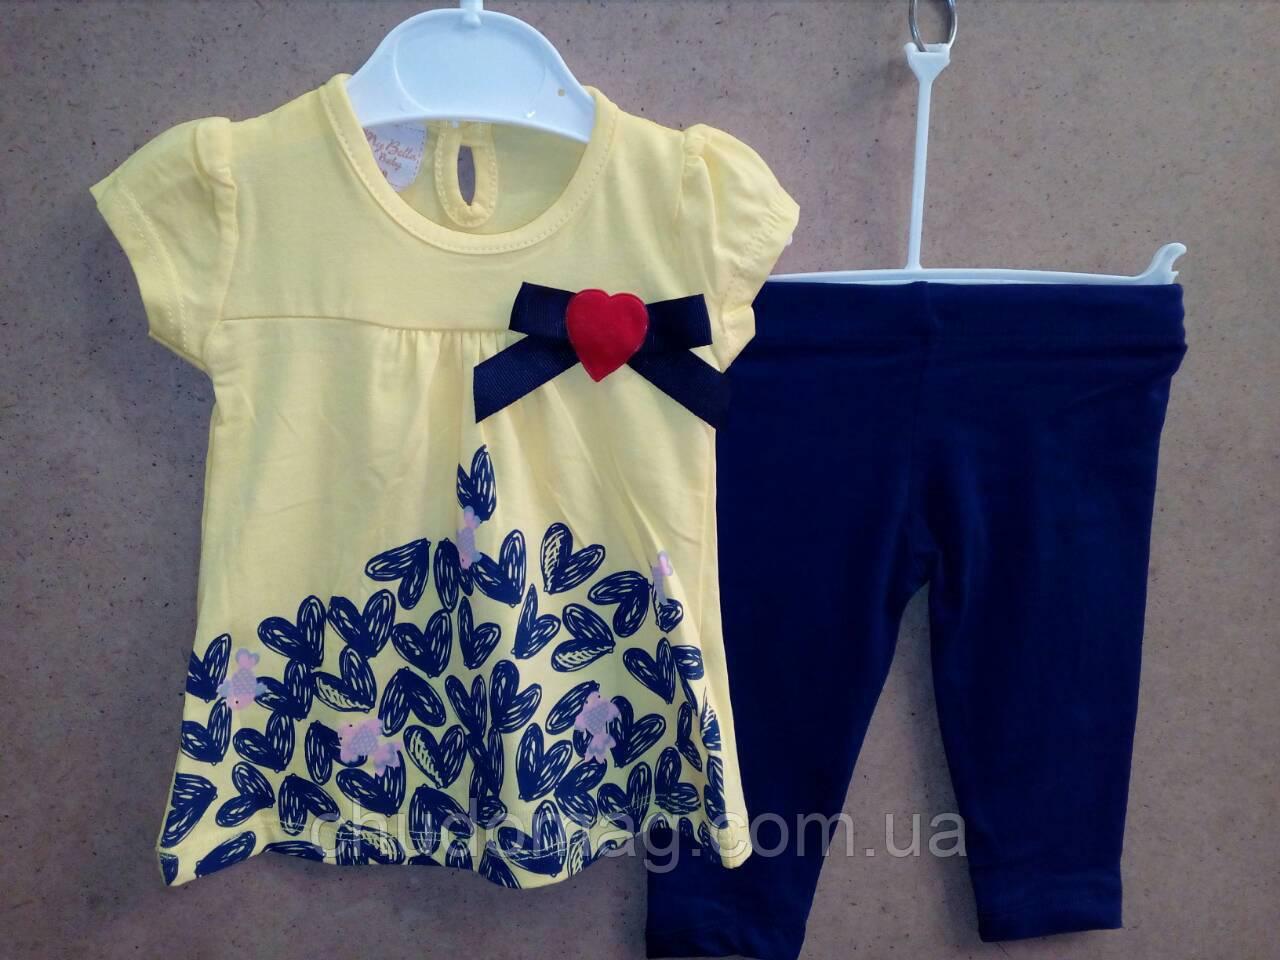 Детский летний костюм лосины и футболка для девочки на 68 - 74 - 80 - 86 a147d3effd7